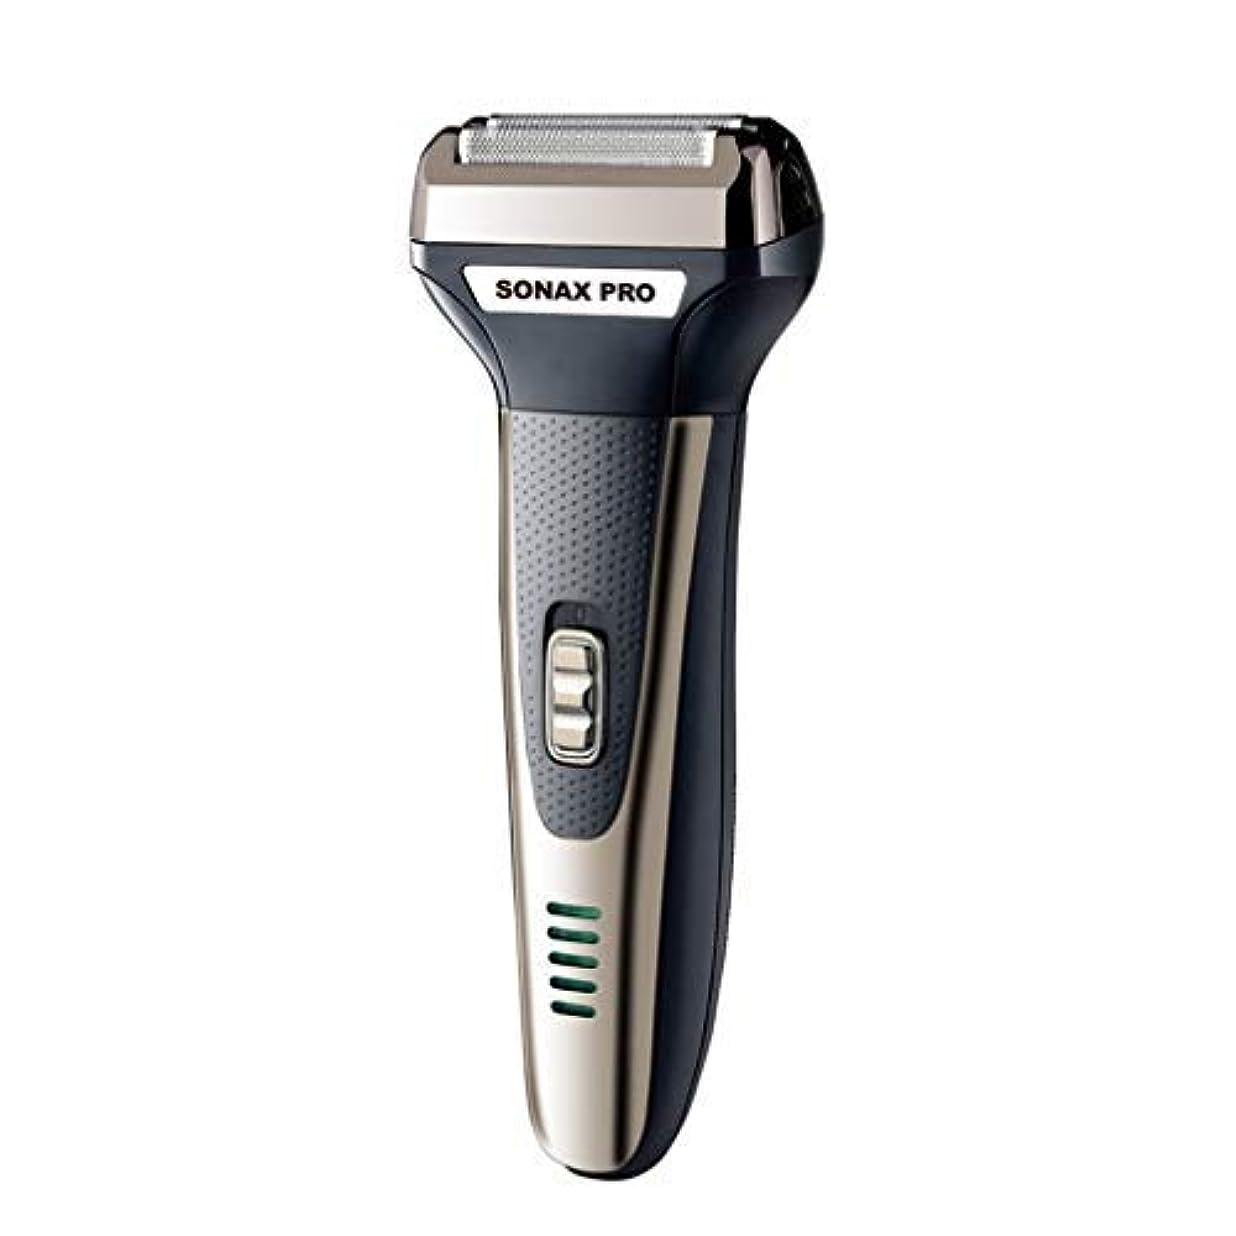 奨励ファックス日一つの多機能シェービングナイフメンズ電気かみそりレシプロ充電式髭ナイフヘアカットの鼻毛スリー